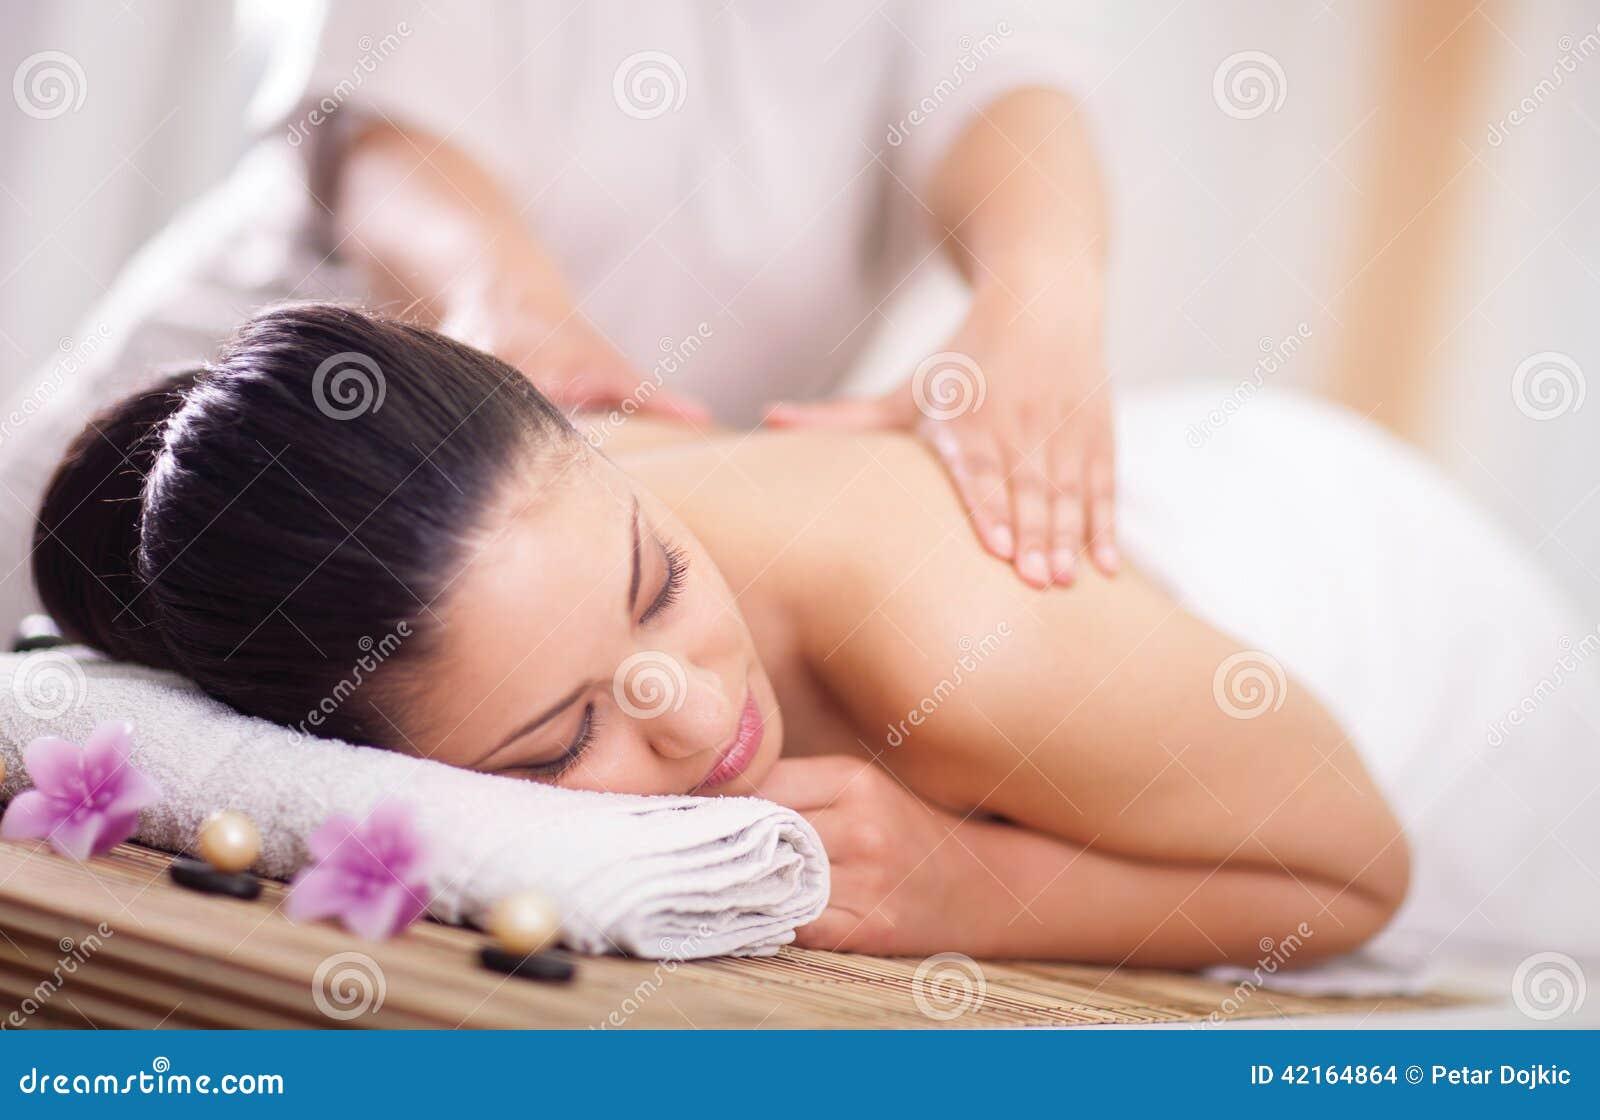 wellness spa massage huskvarna